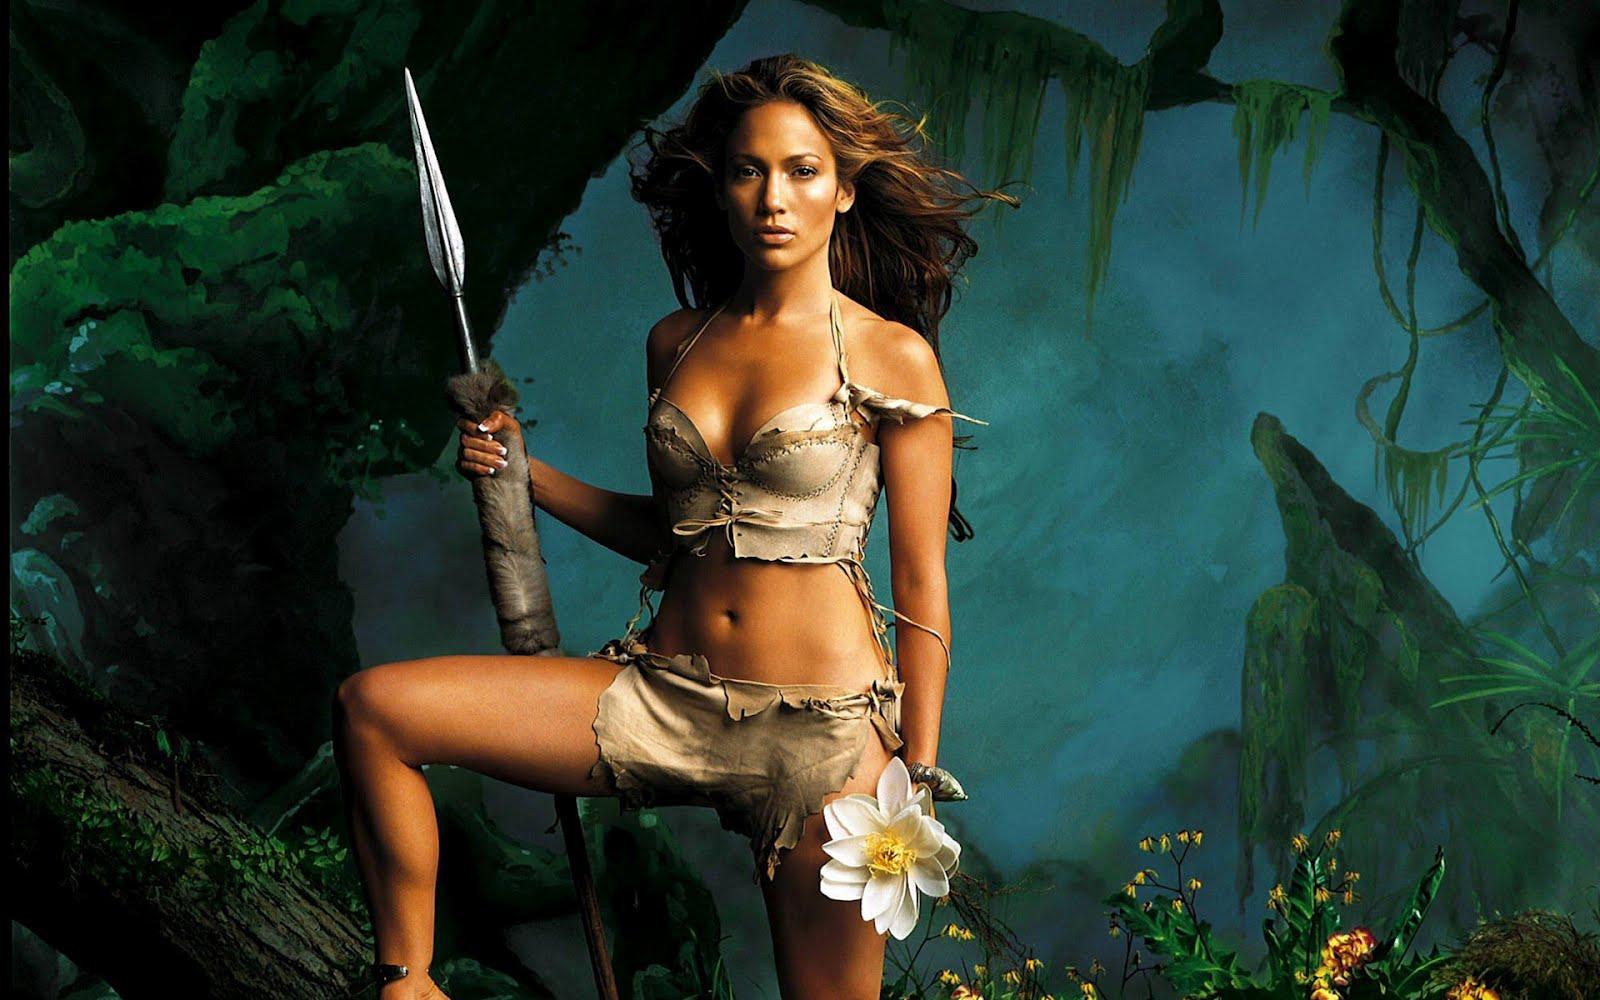 http://1.bp.blogspot.com/-7zzBWHyQ1SE/T0zt5Ql1H7I/AAAAAAAAAus/oxUKpMTseCs/s1600/Jennifer-Lopez-wallpaper.jpg